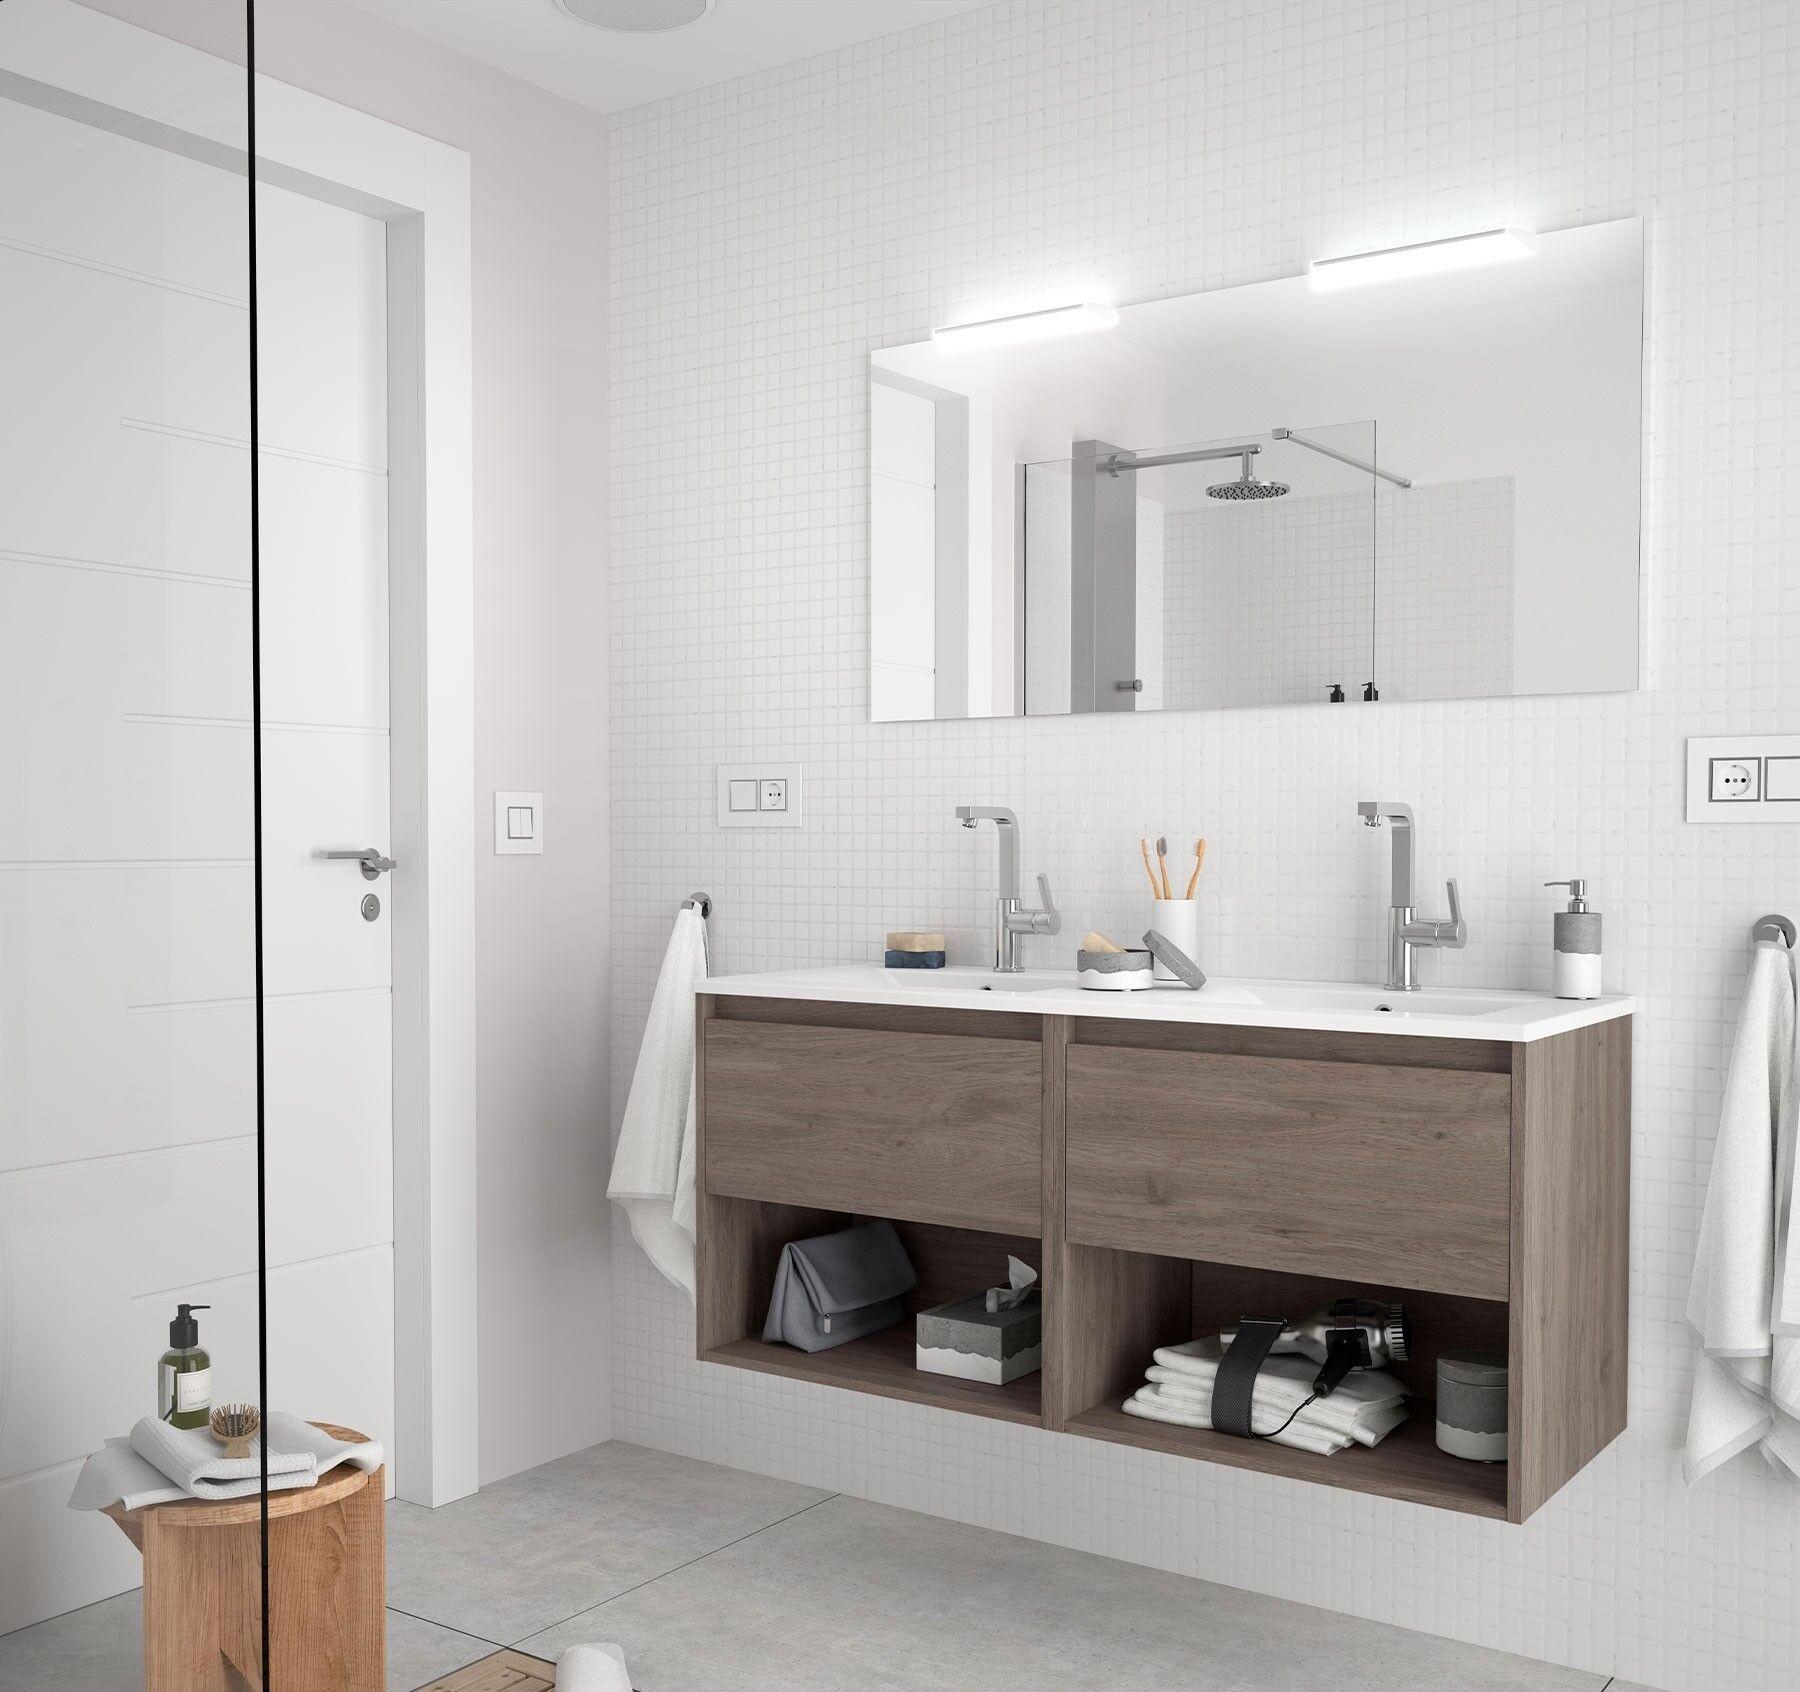 CAESAROO Meuble de salle de bain suspendu 120 cm Chêne eternity avec deux tiroirs et deux espaces   120 cm - Avec double miroir et lampe LED